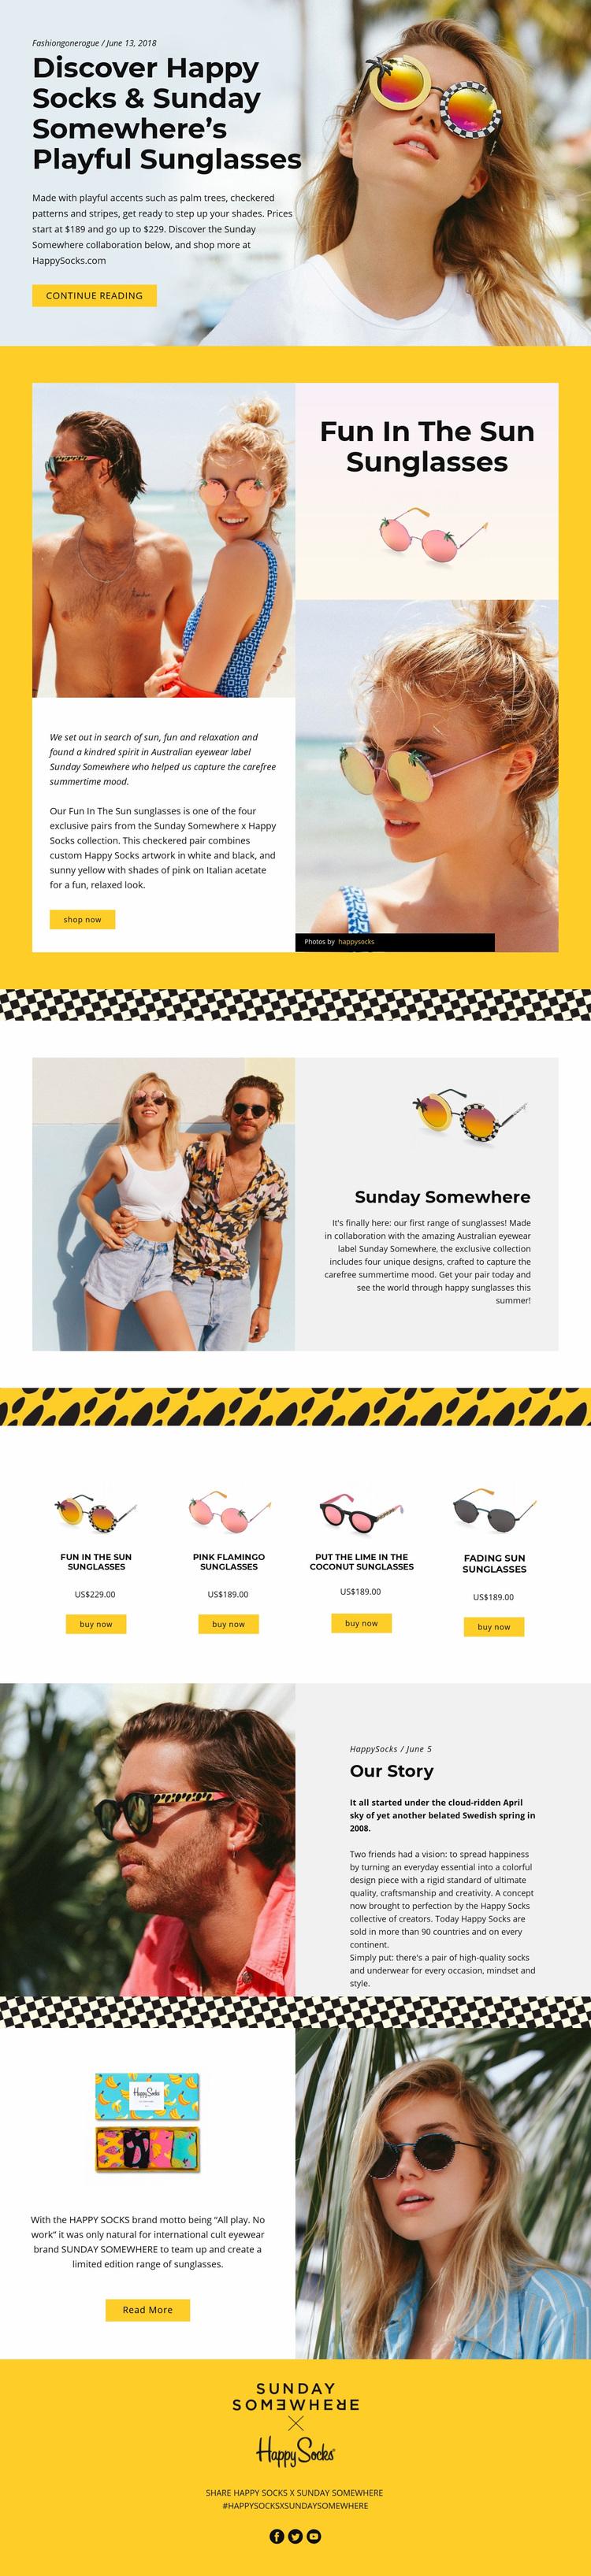 Fun Sunglasses Web Page Designer